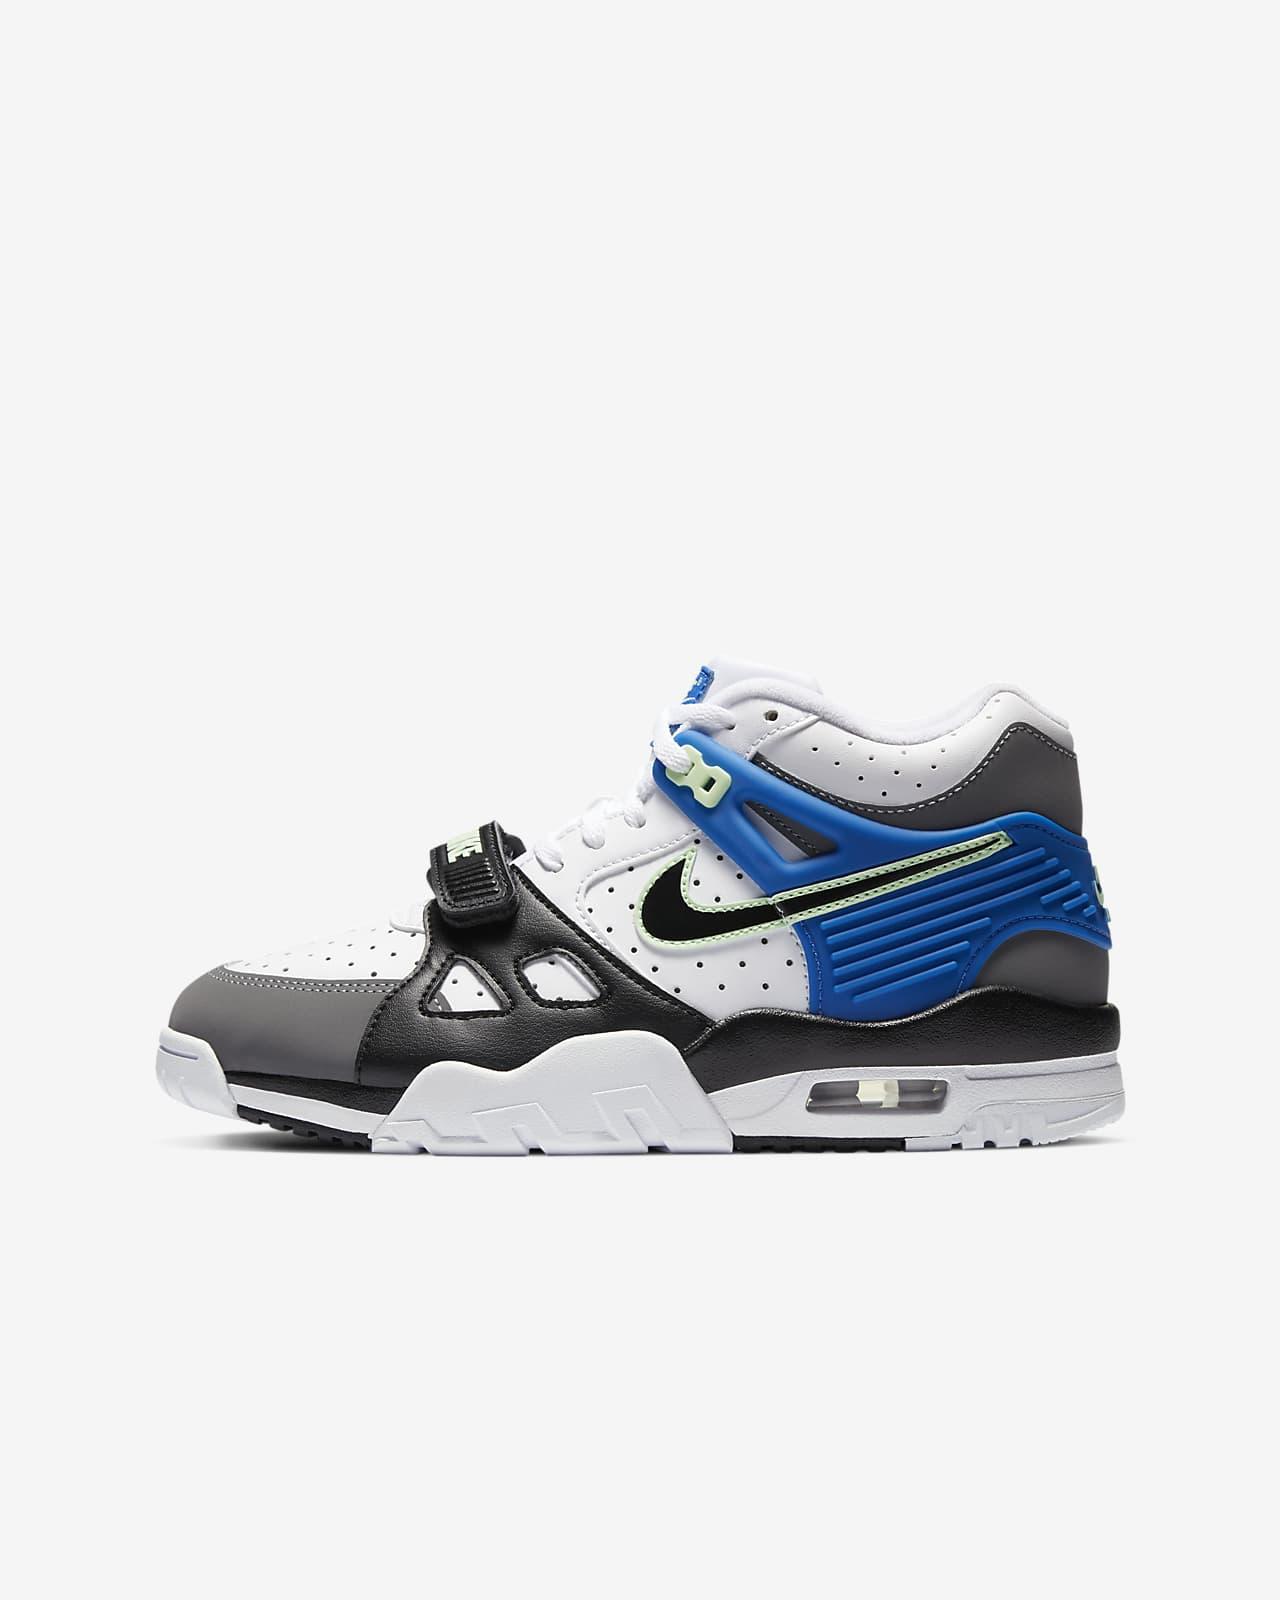 Nike Air Trainer 3 (GS) 大童运动童鞋